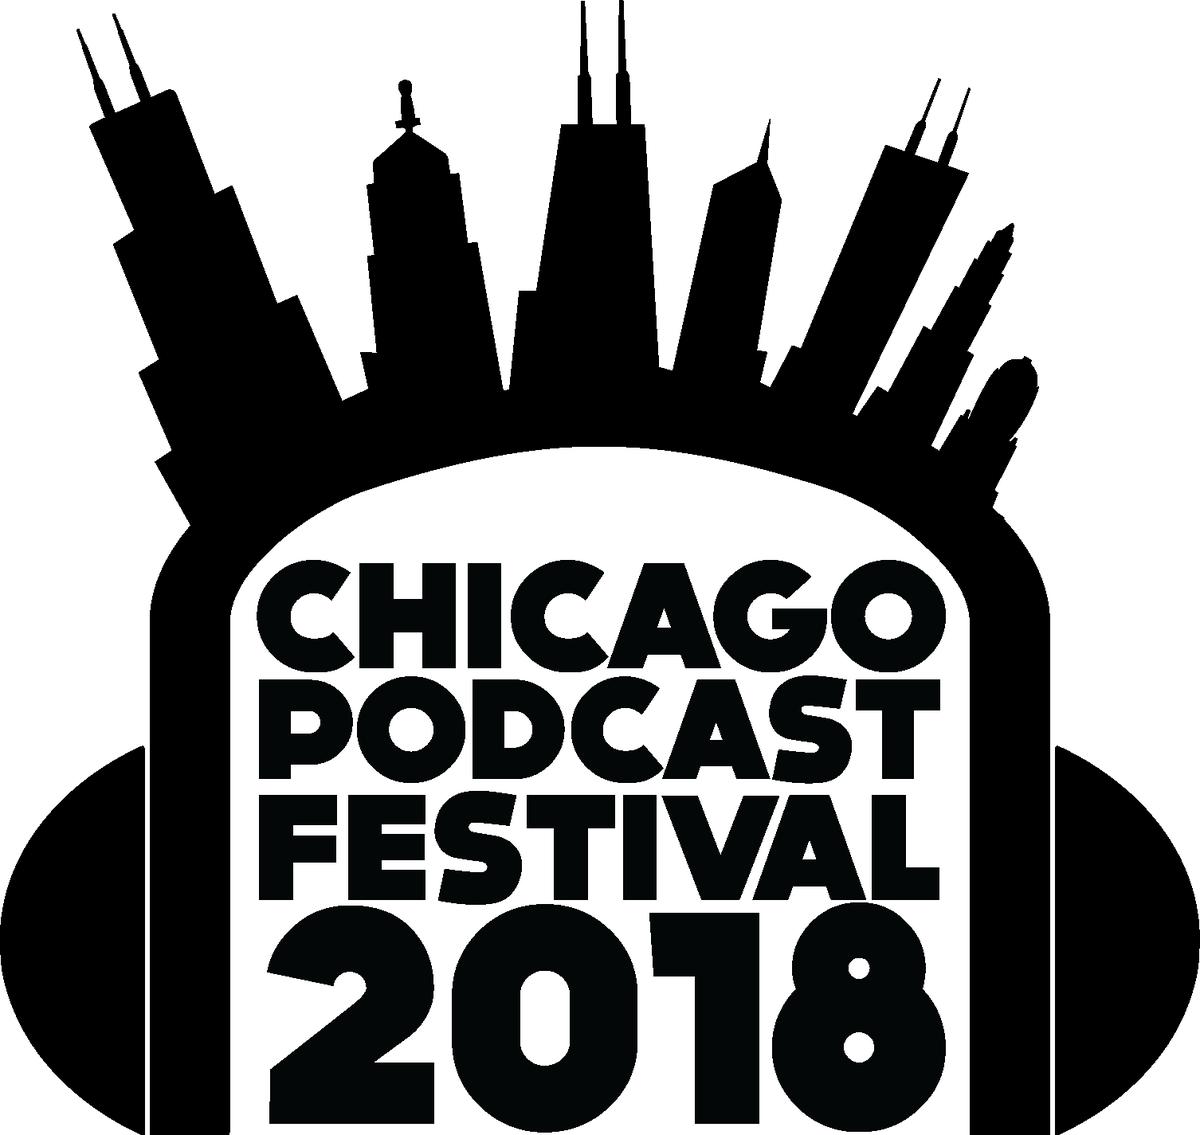 Debate clipart speech festival. Chicago podcast fest chipodfest